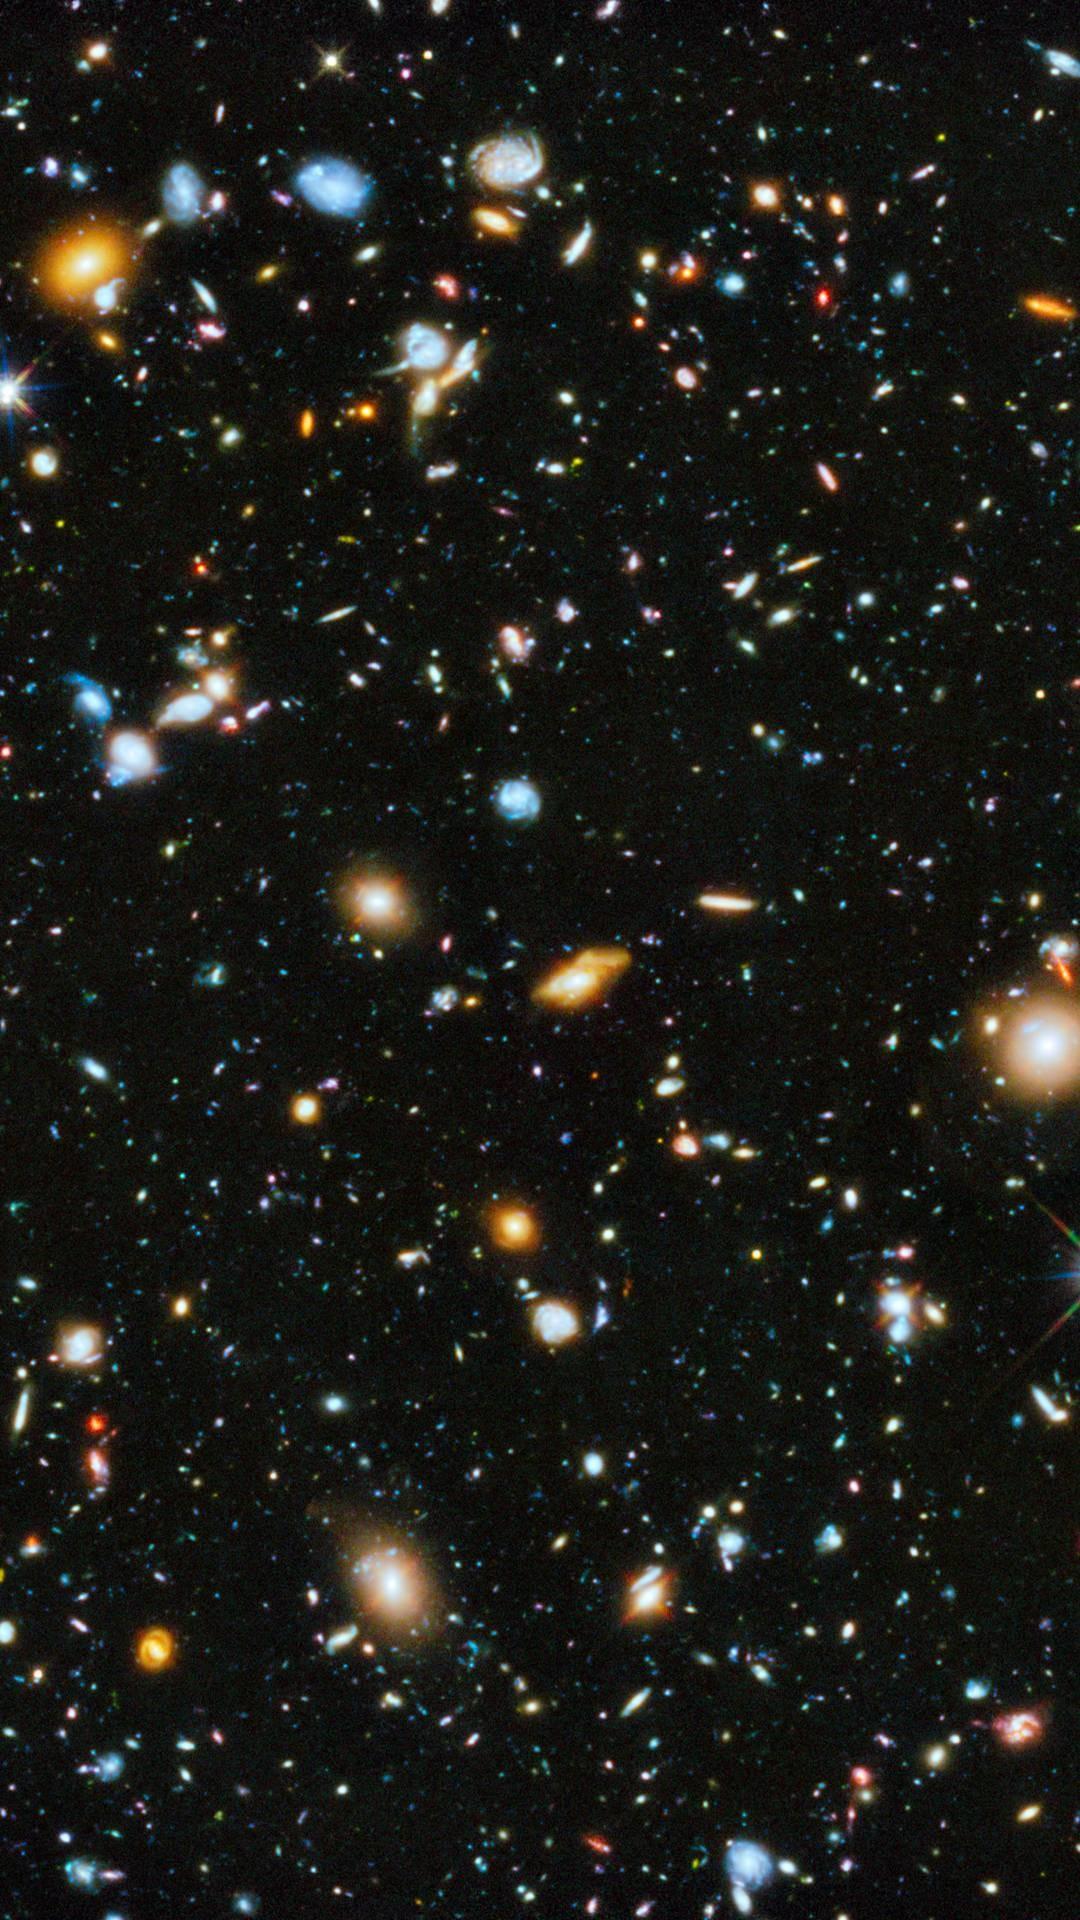 Hubble images wallpaper 67 images - Hubble space images wallpaper ...